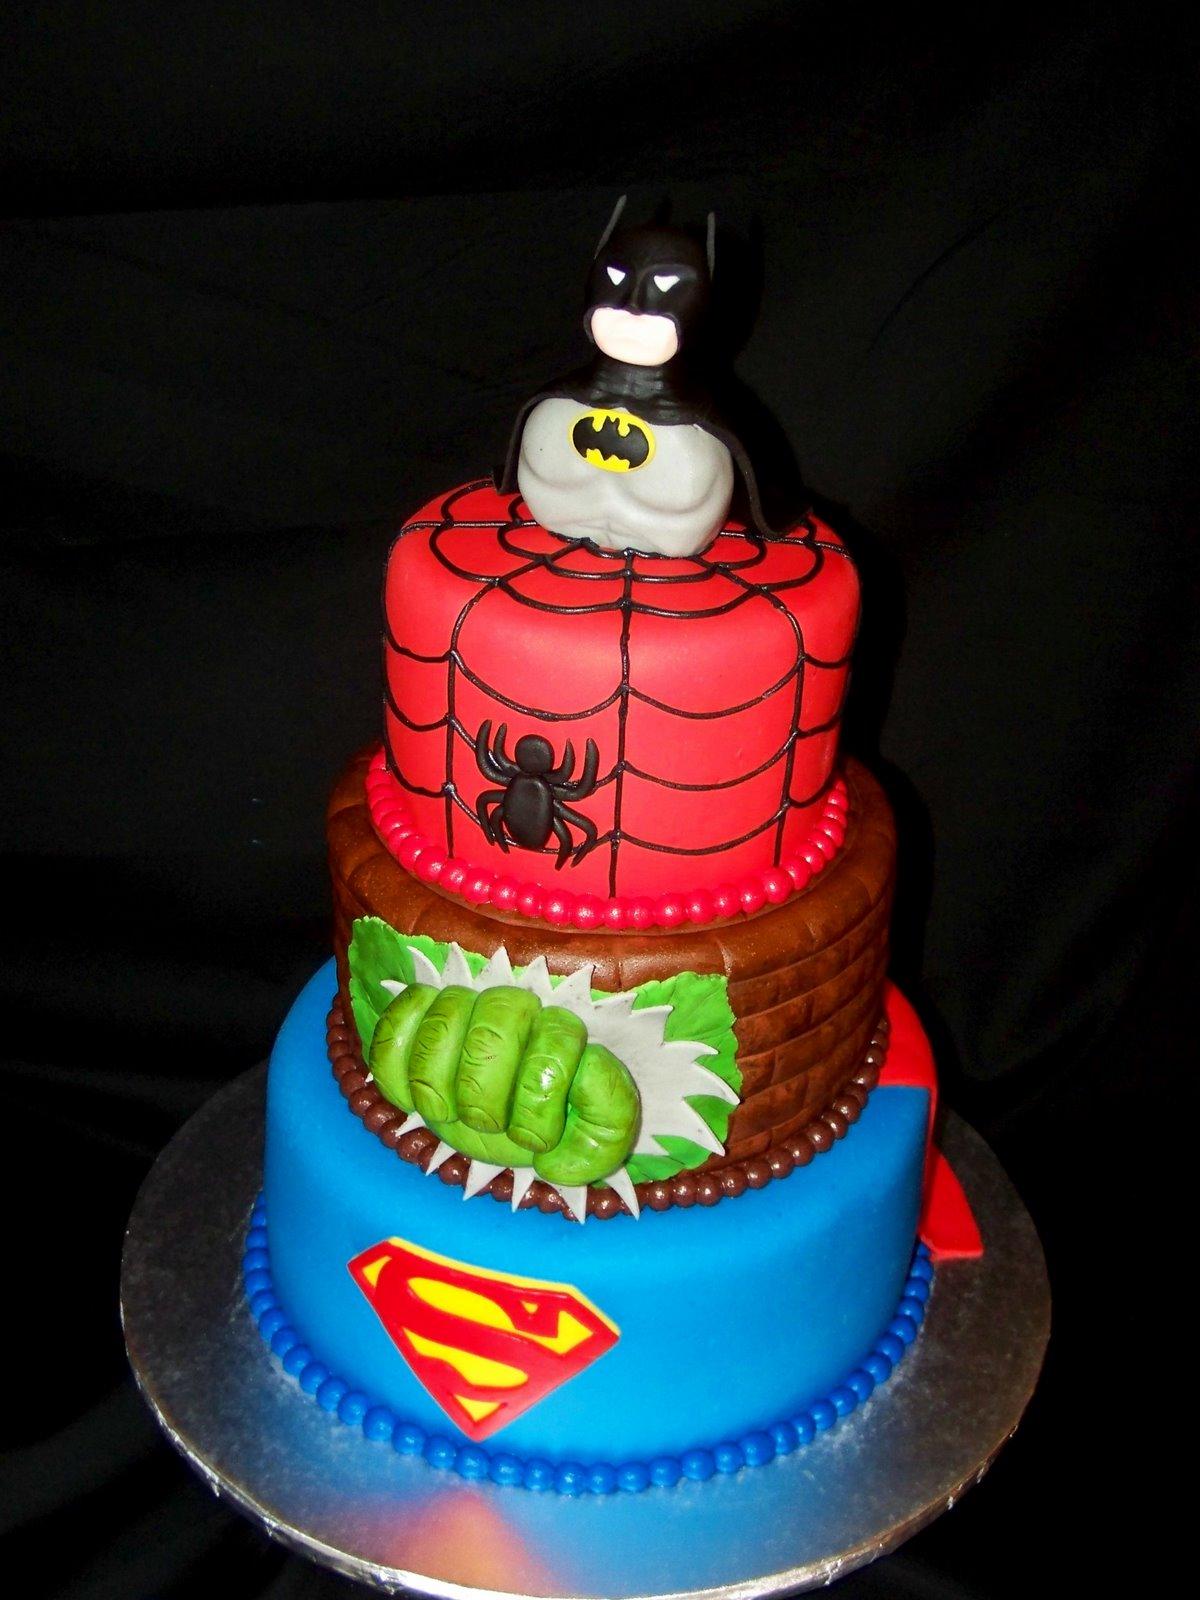 Superhero Birthday cakes - Cakes by Robin  |Superhero Cakes